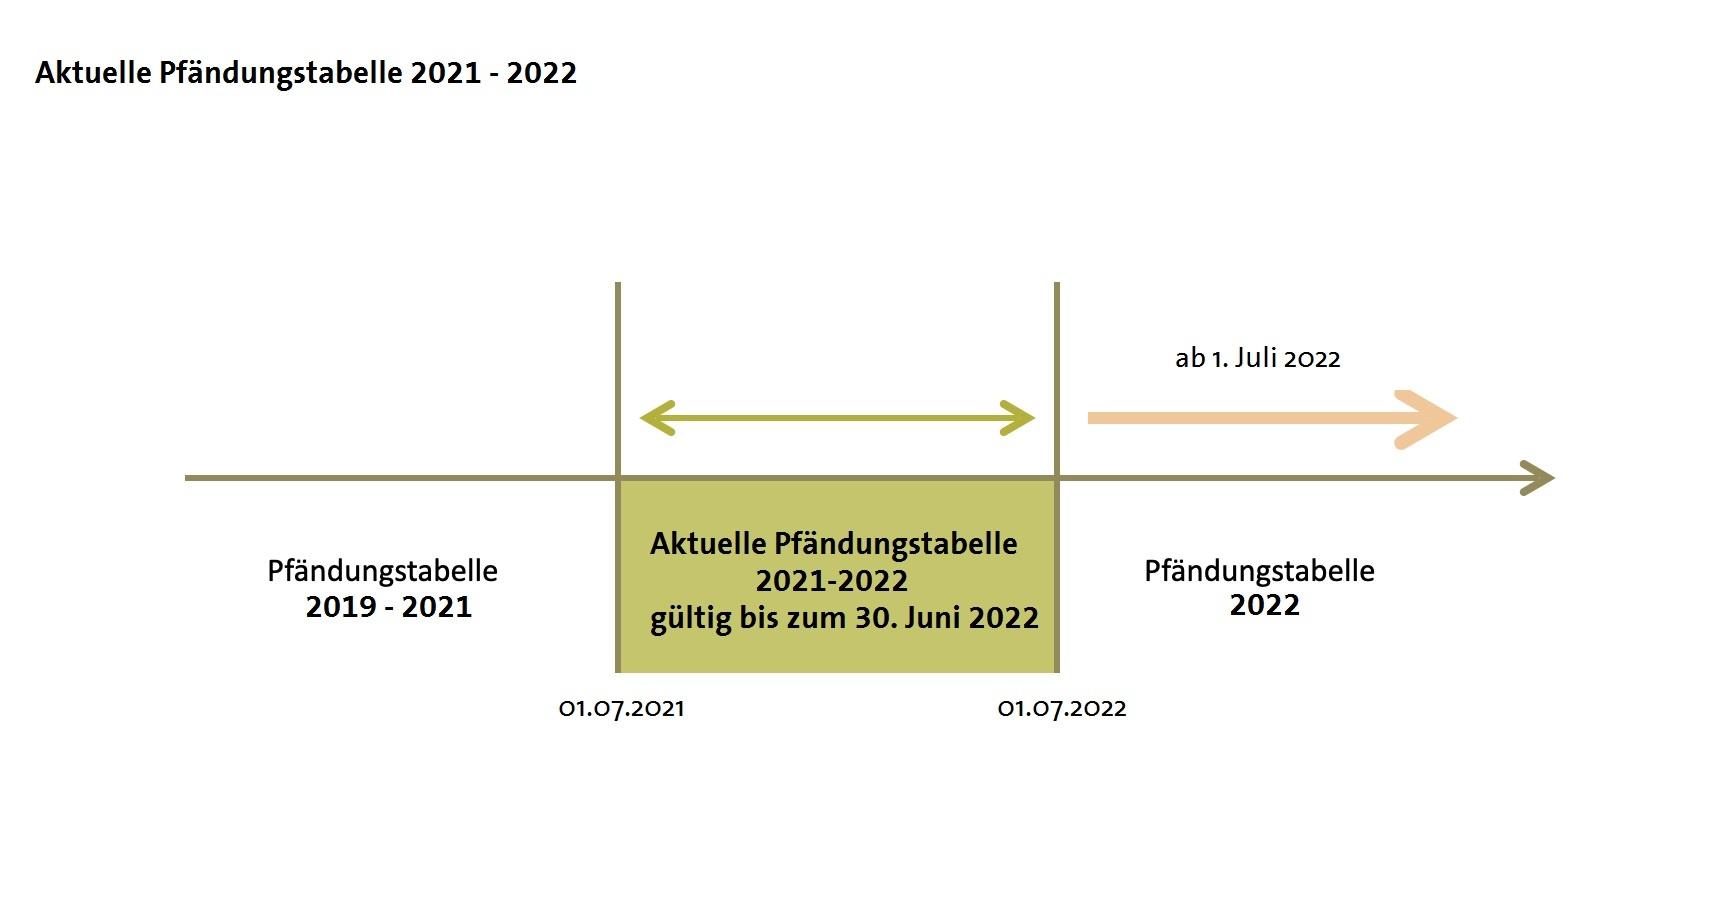 Laufzeit Pfändungstabelle 2021-2022 und Prognose